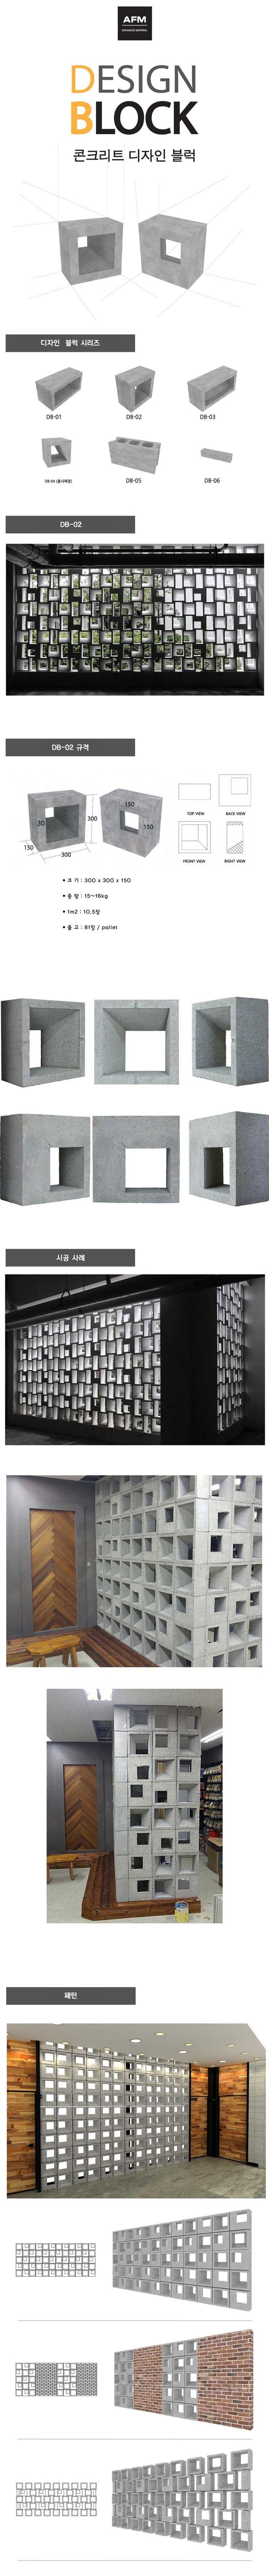 디자인-블럭-02.jpg